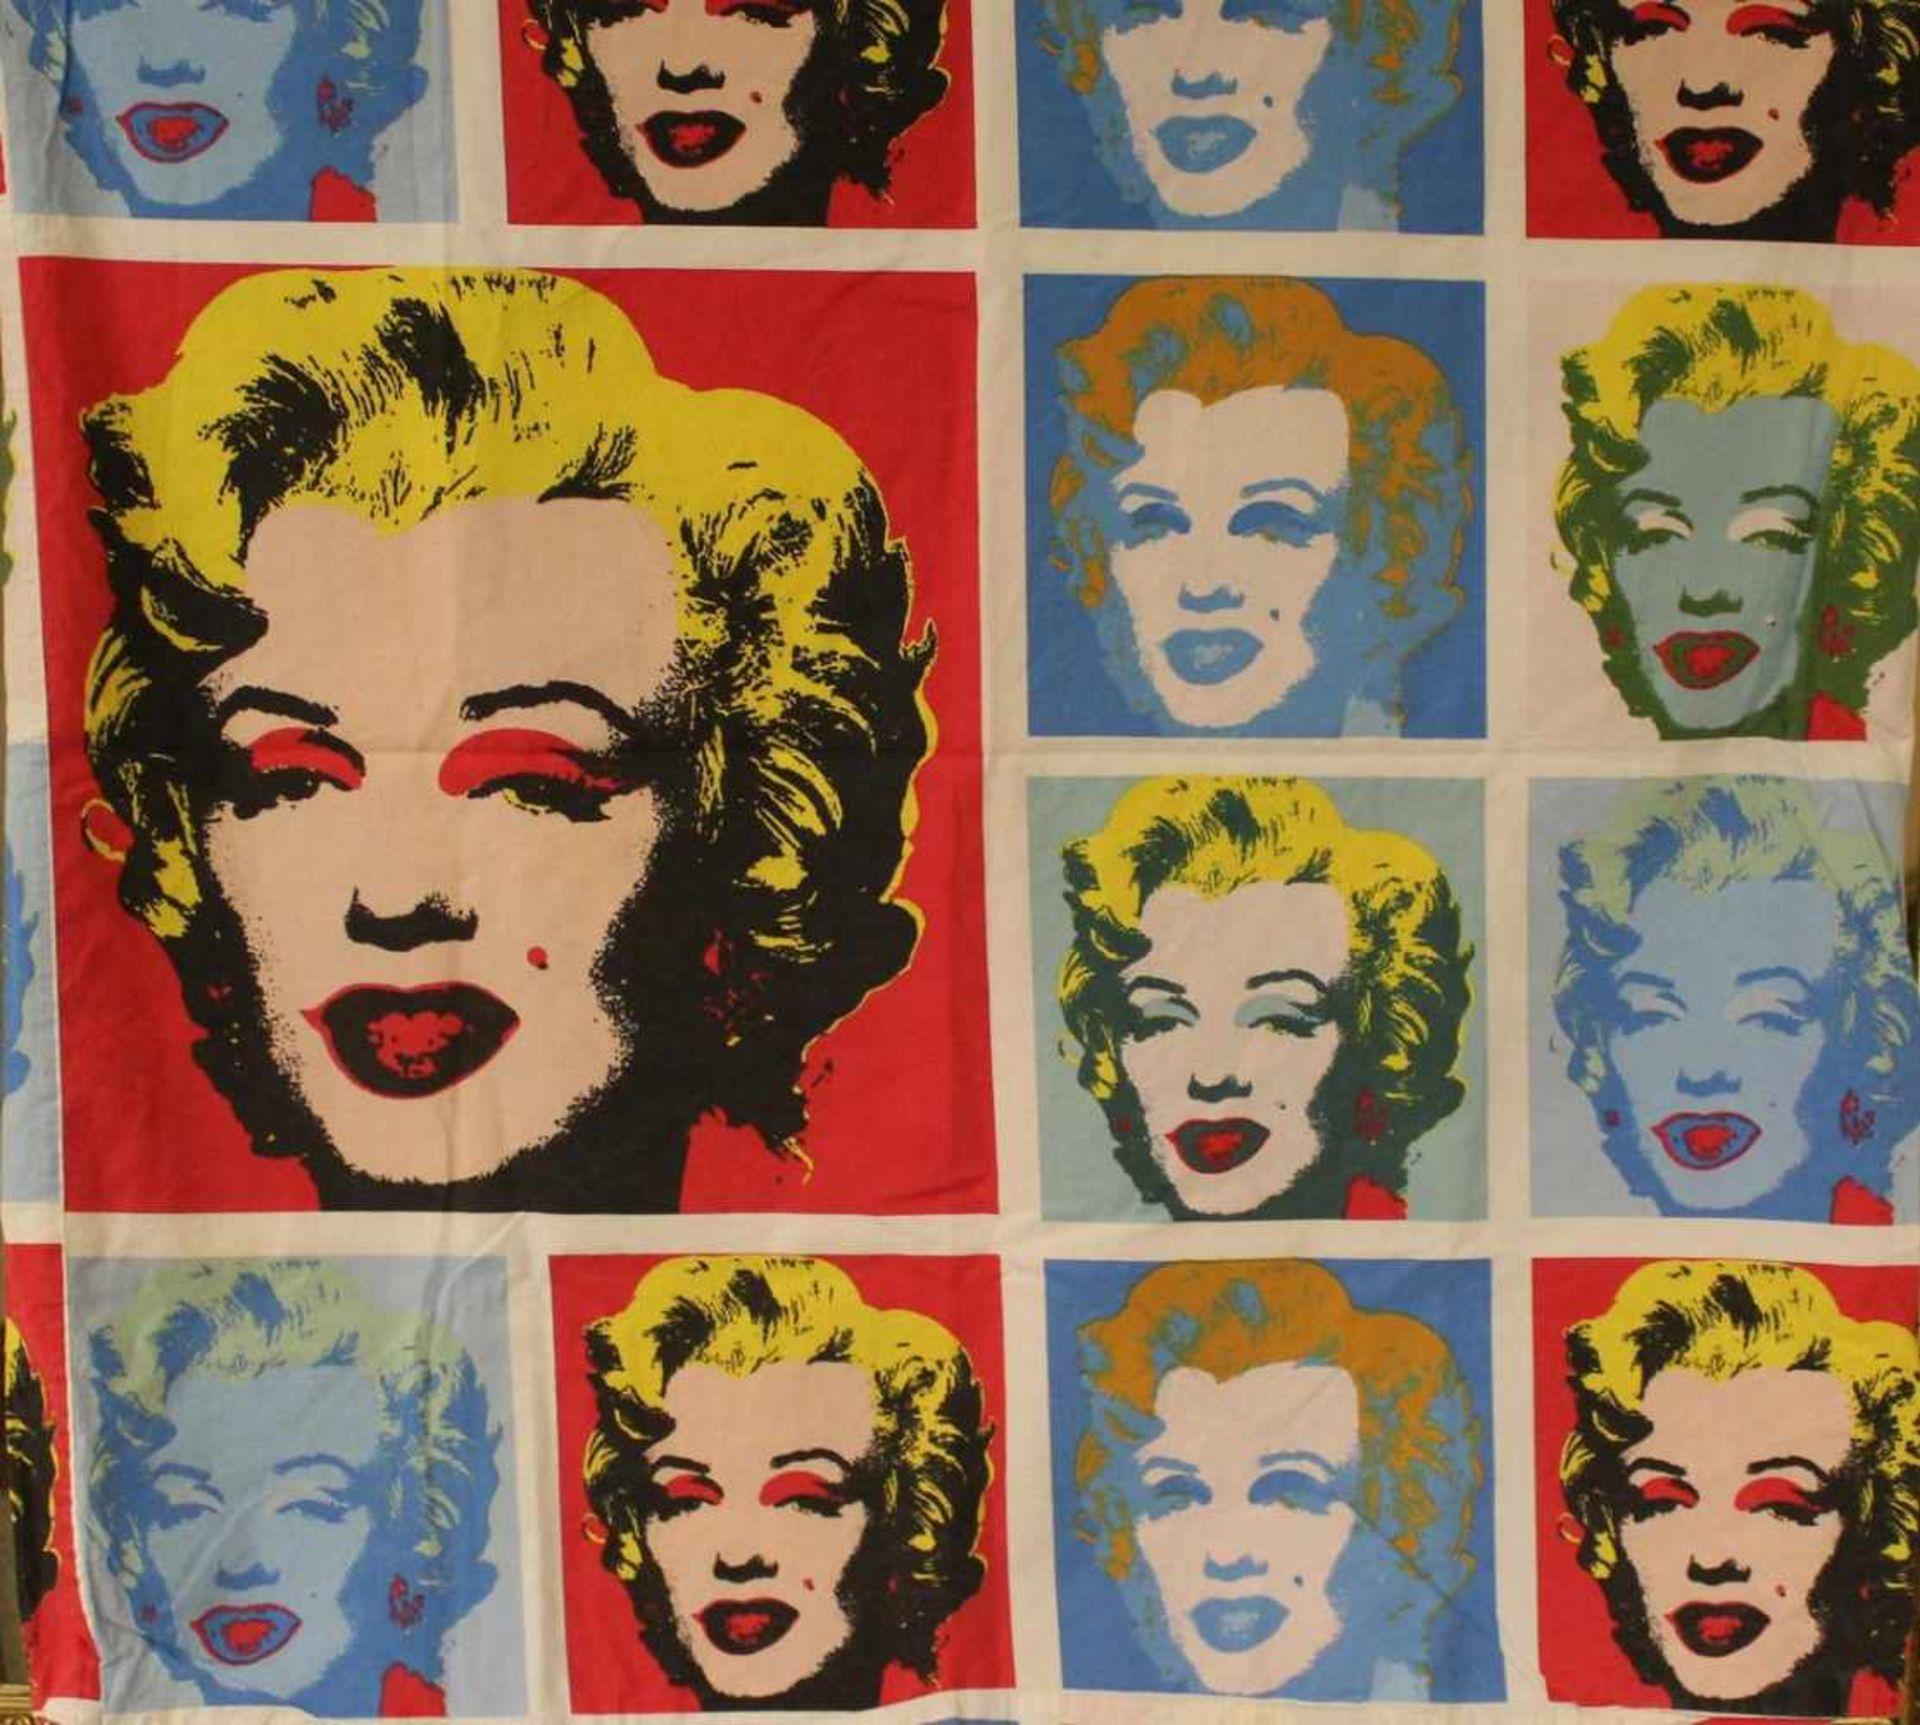 2 Bettwäschegarnituren Motiv Marylin Monroe nach Andy Warhol, gebraucht, Grösse Kopfkissenbezug